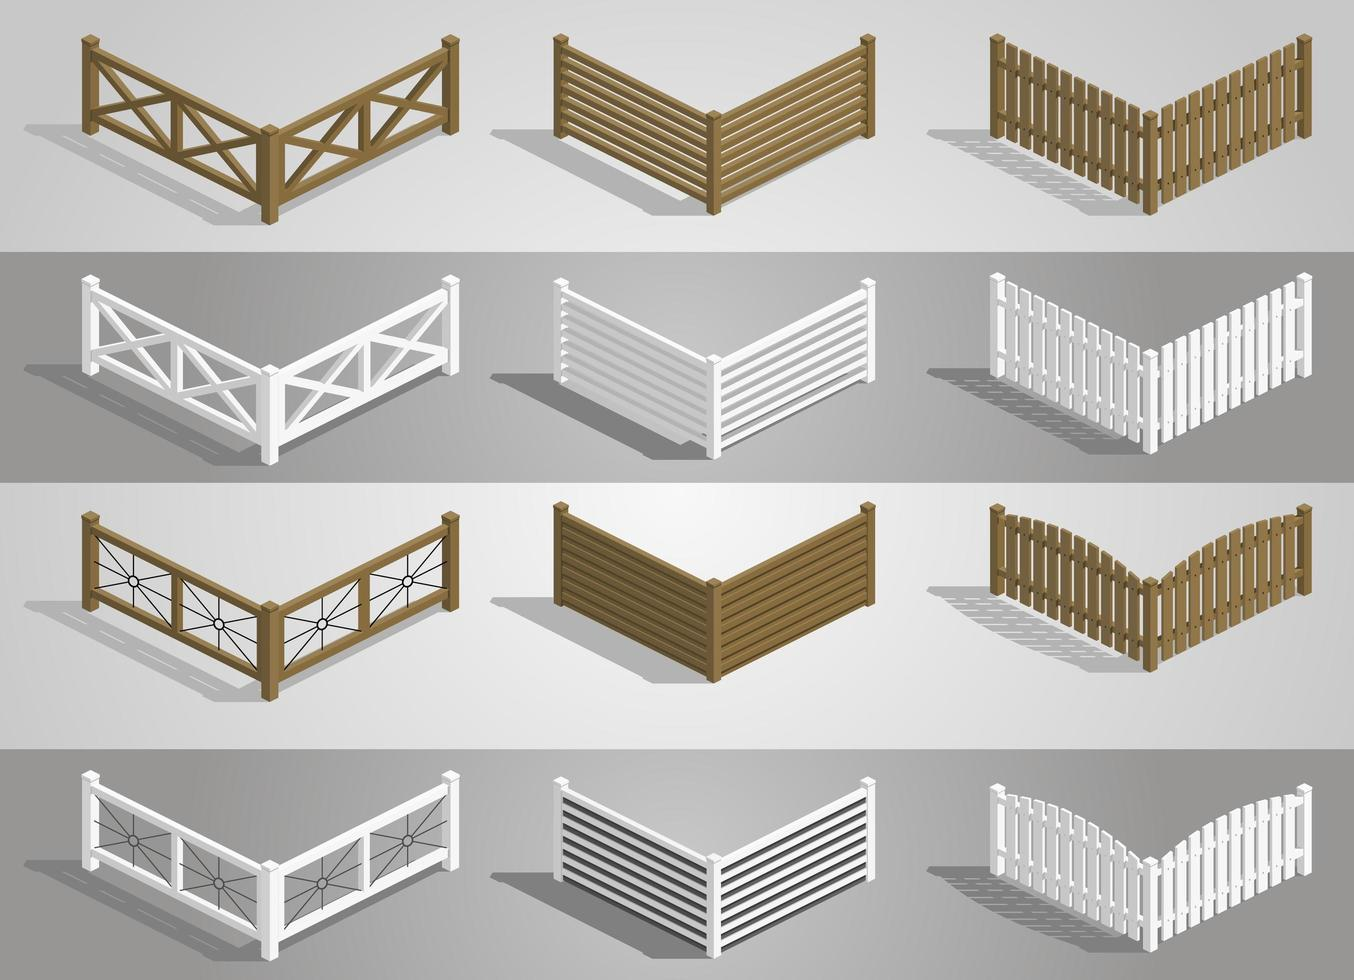 conjunto de diferentes secciones de valla de madera vector